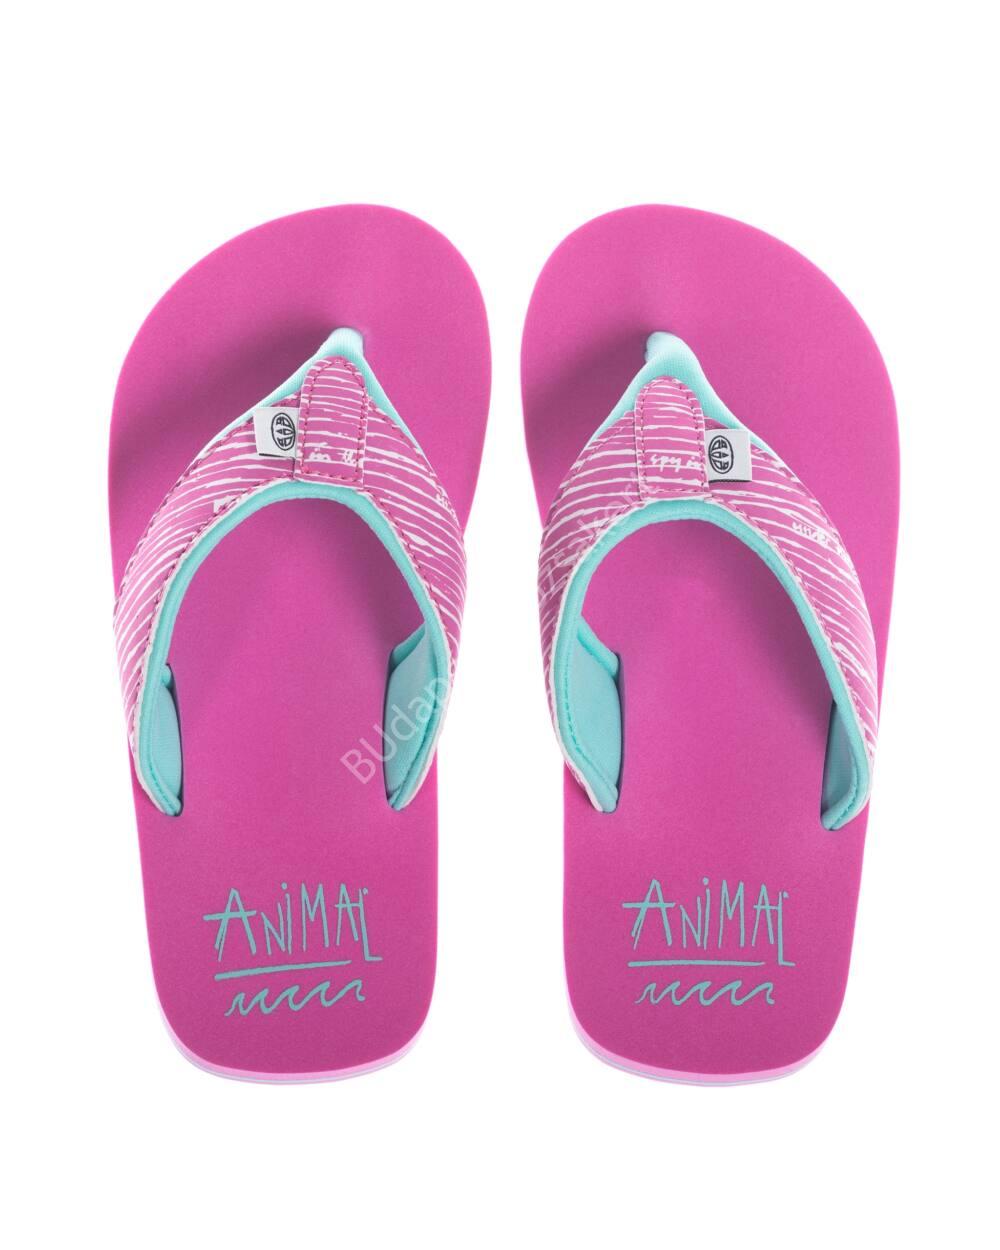 Animal Swish flip-flop papucs lányoknak, rózsaszín